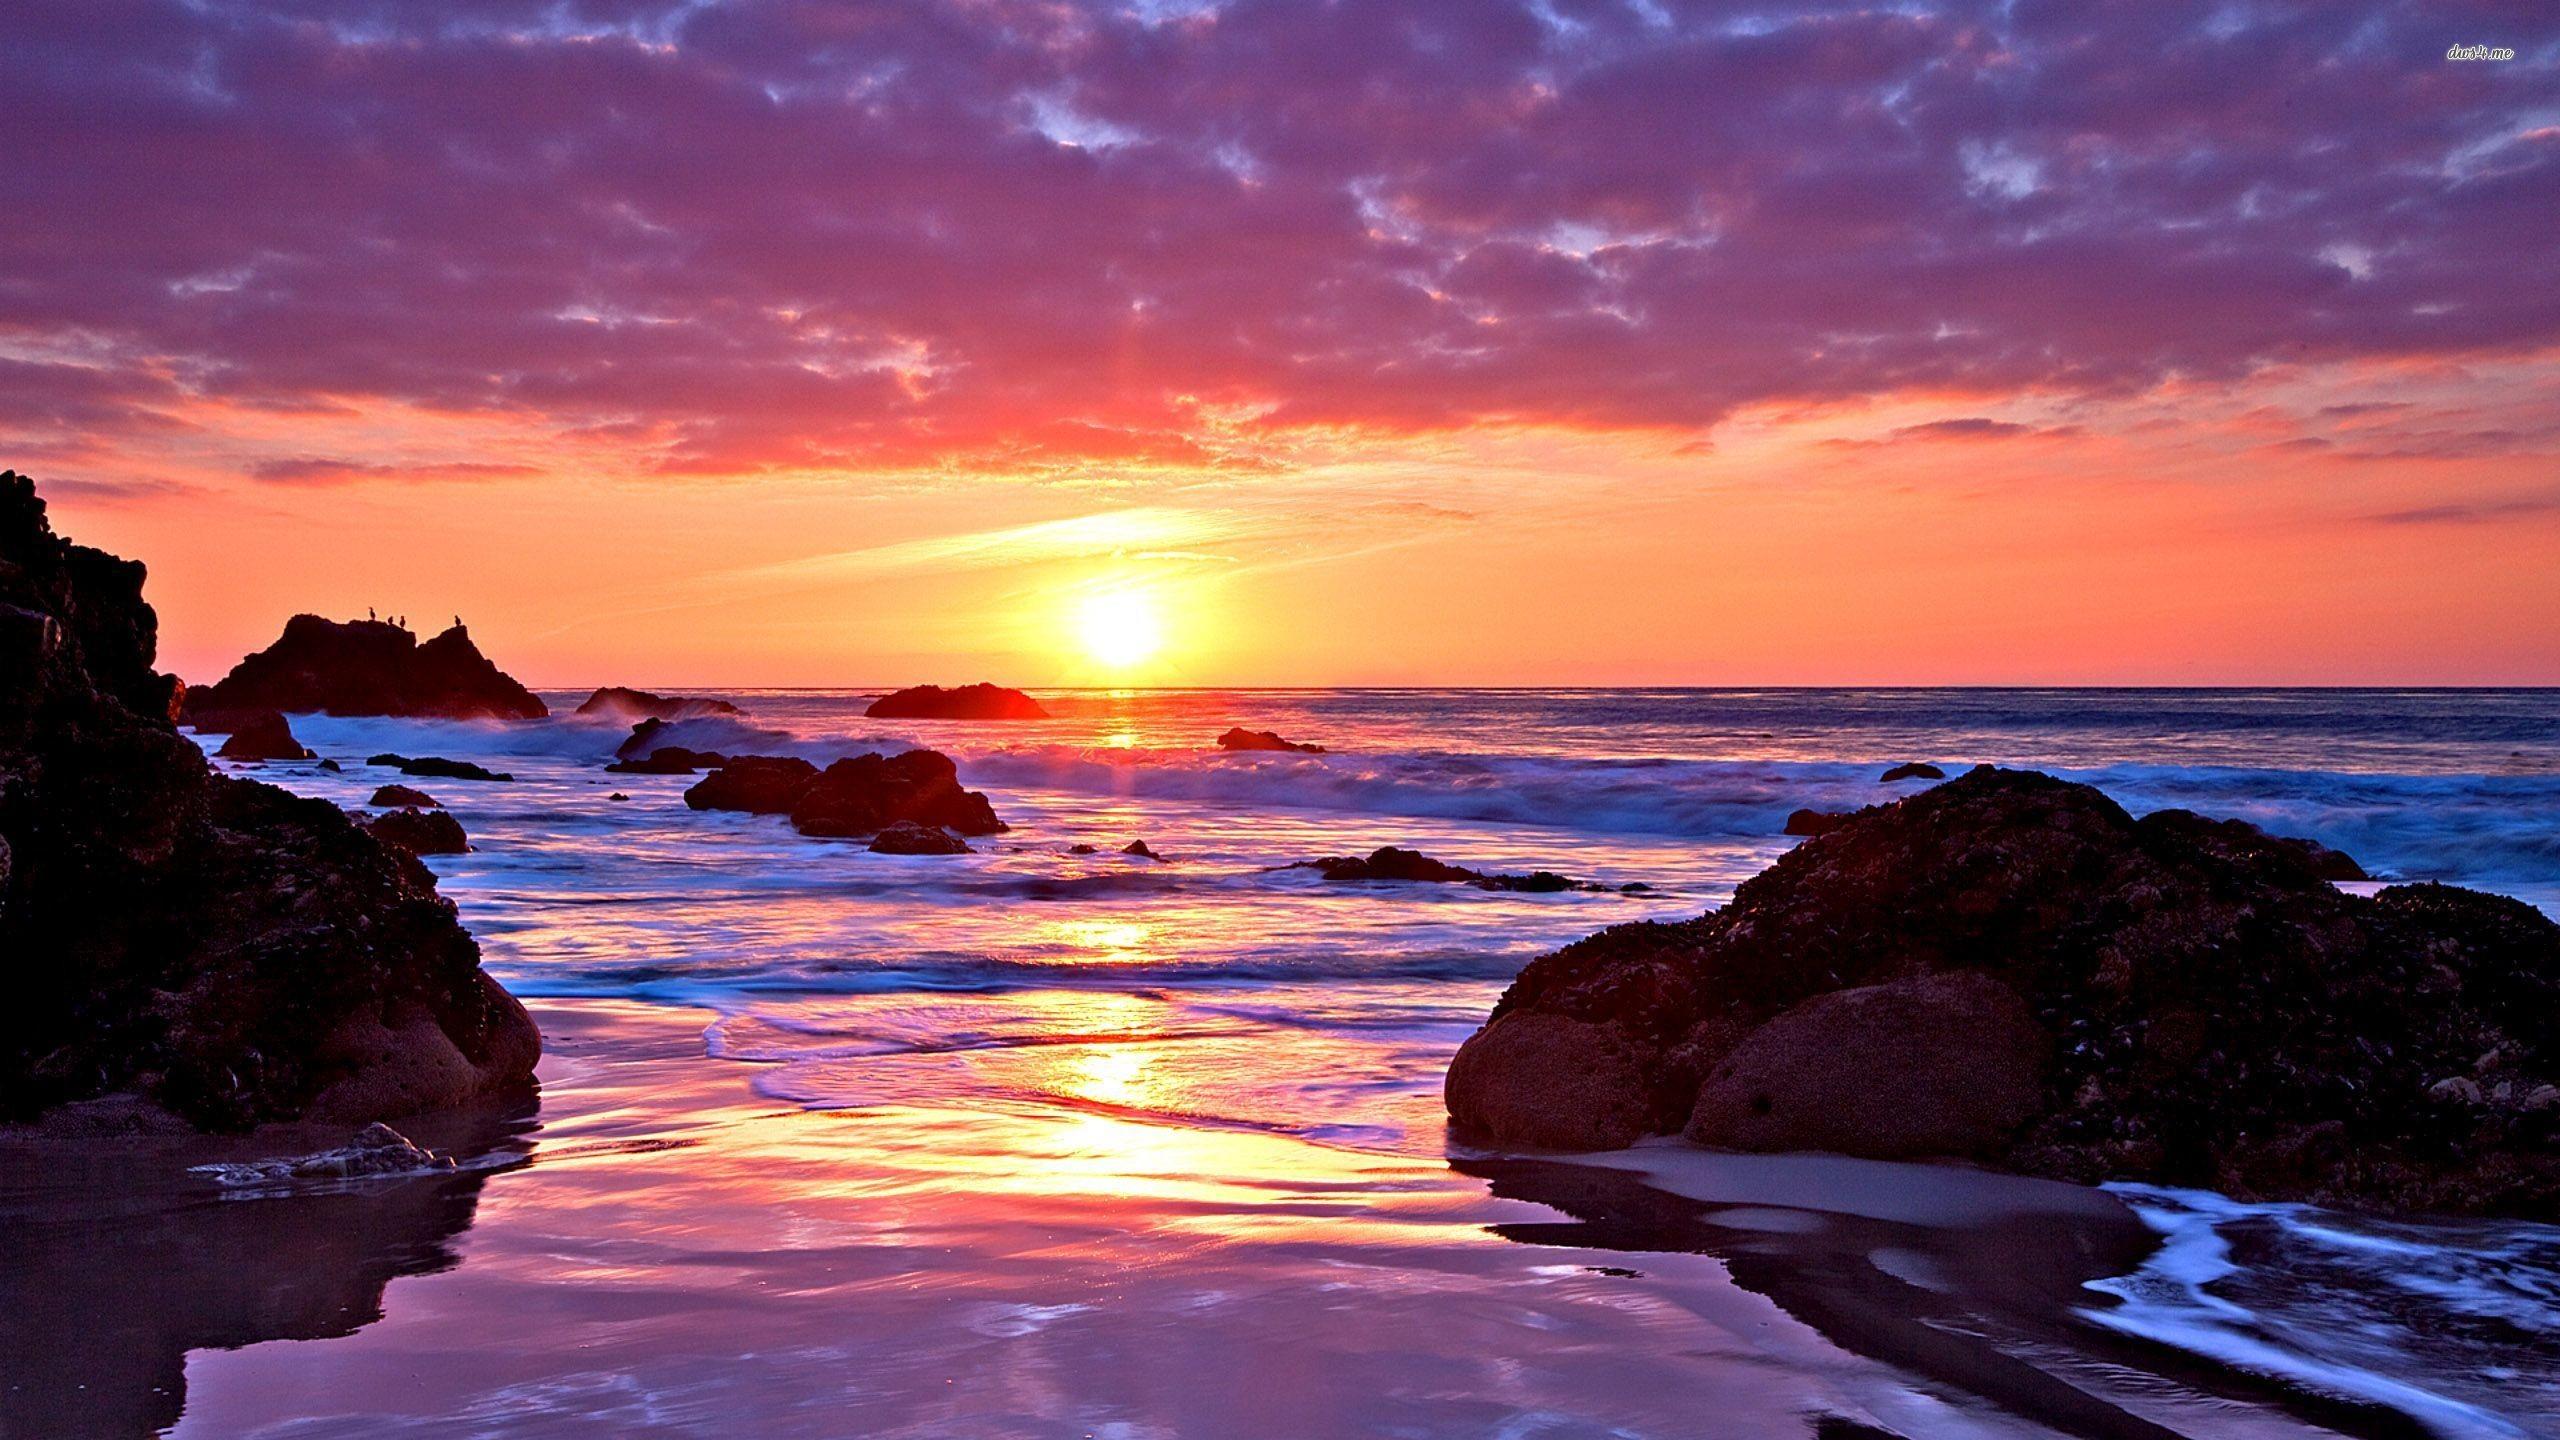 1920x1200 Summer Beach Sunset Wallpaper Wide Picture 12627